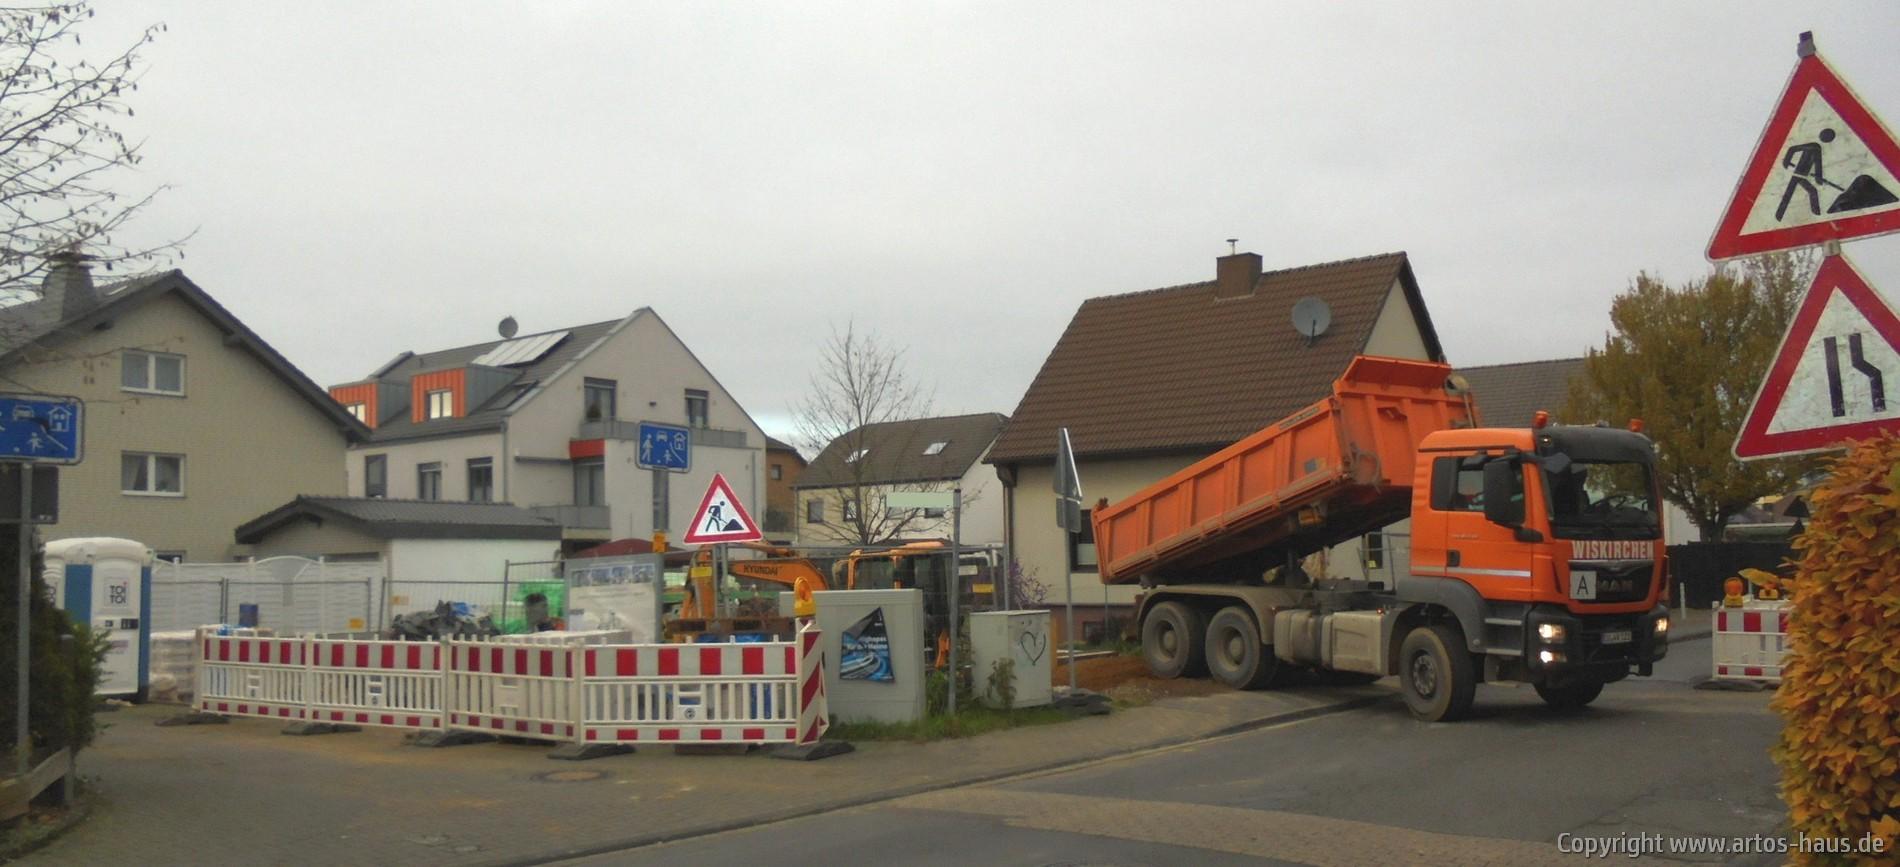 Verfüllen der Baugrube | www.artos-haus.de